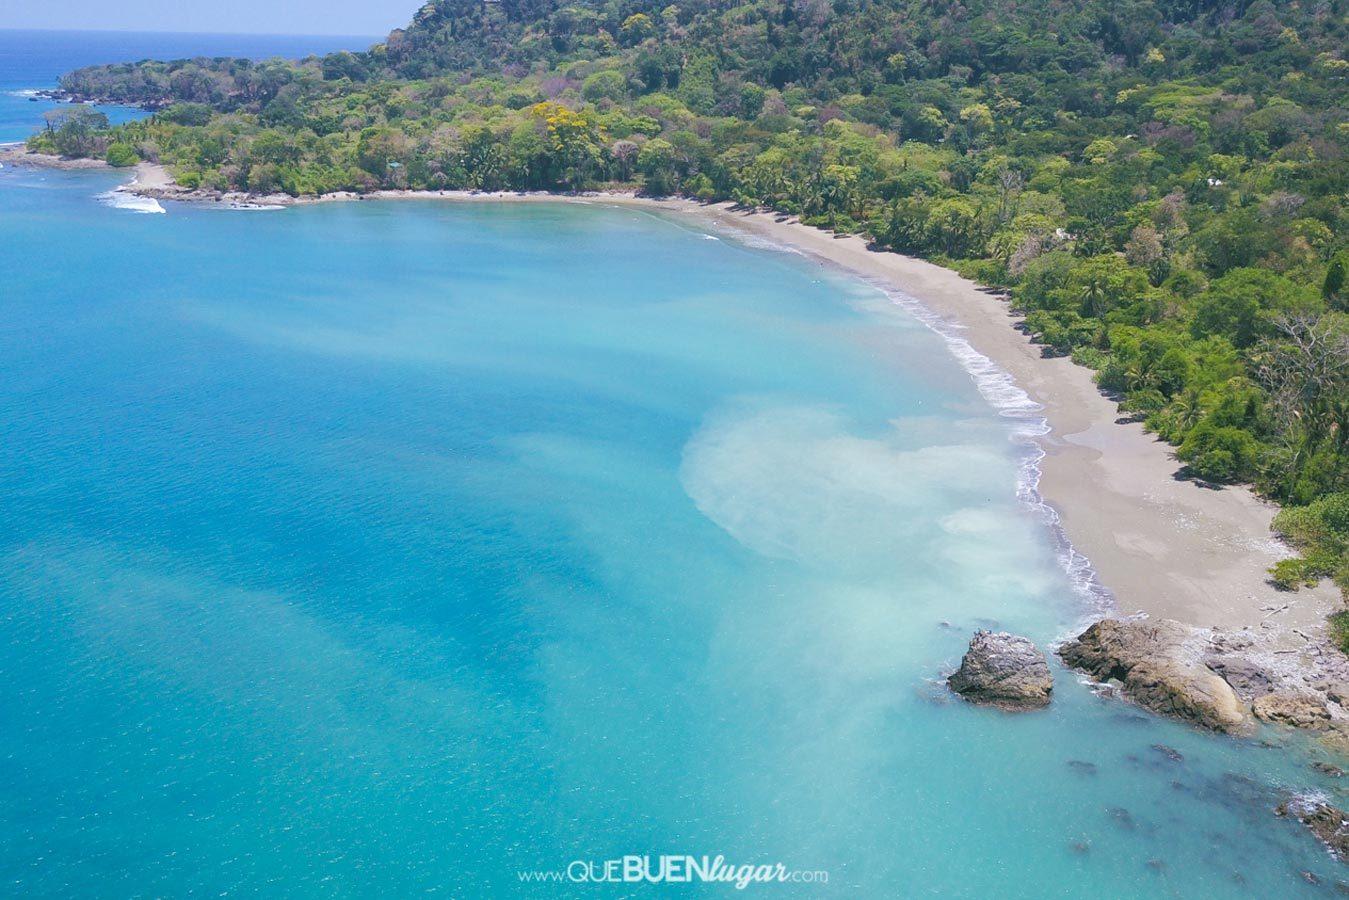 Playas de la Península de Osa - Qué Buen Lugar